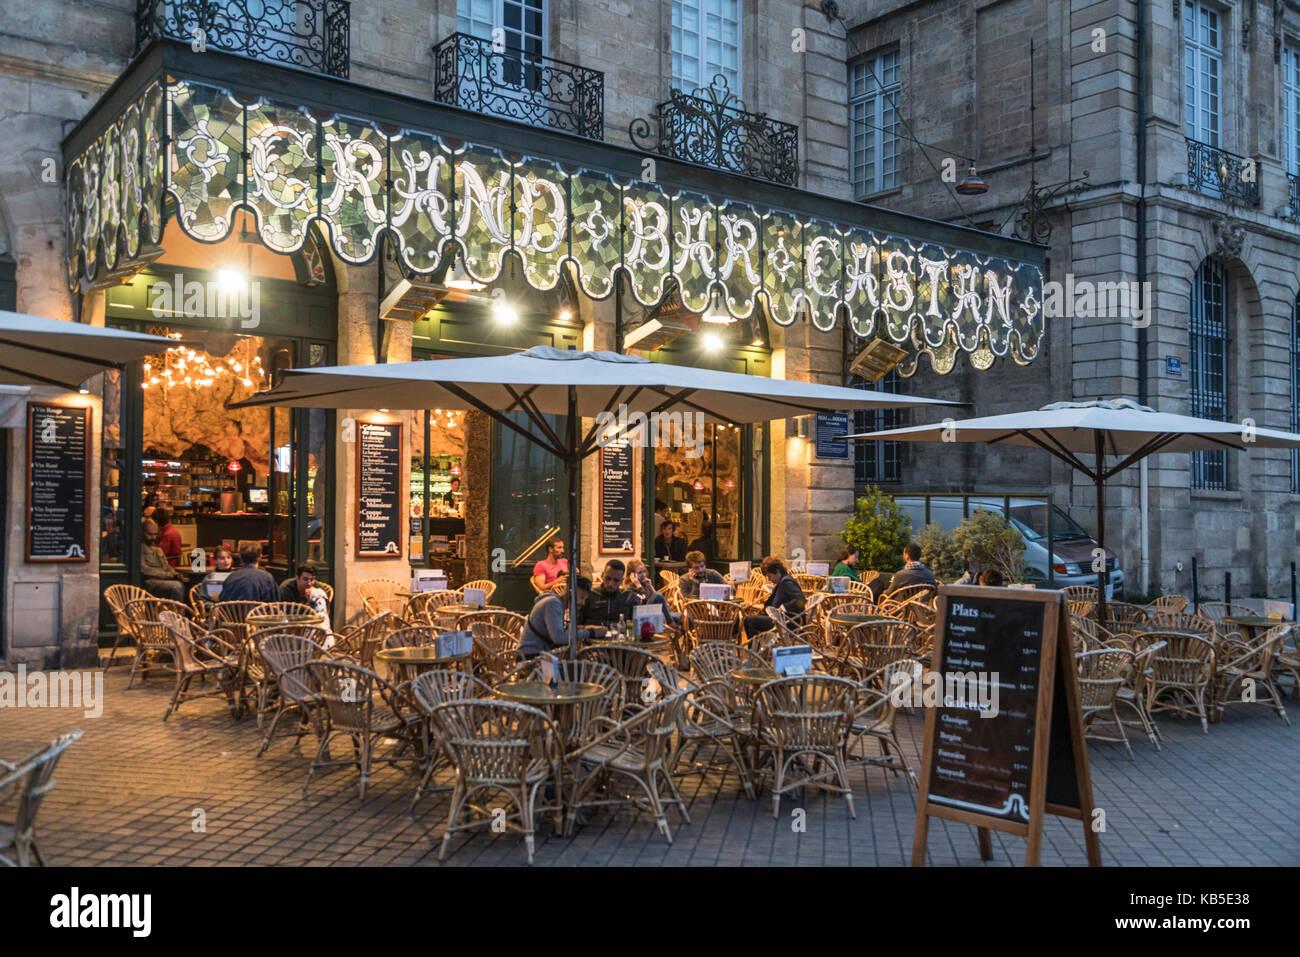 Quai de la Douane, Grand Bar Castan, Street Cafe, Bordeaux, Frankreich Stockbild